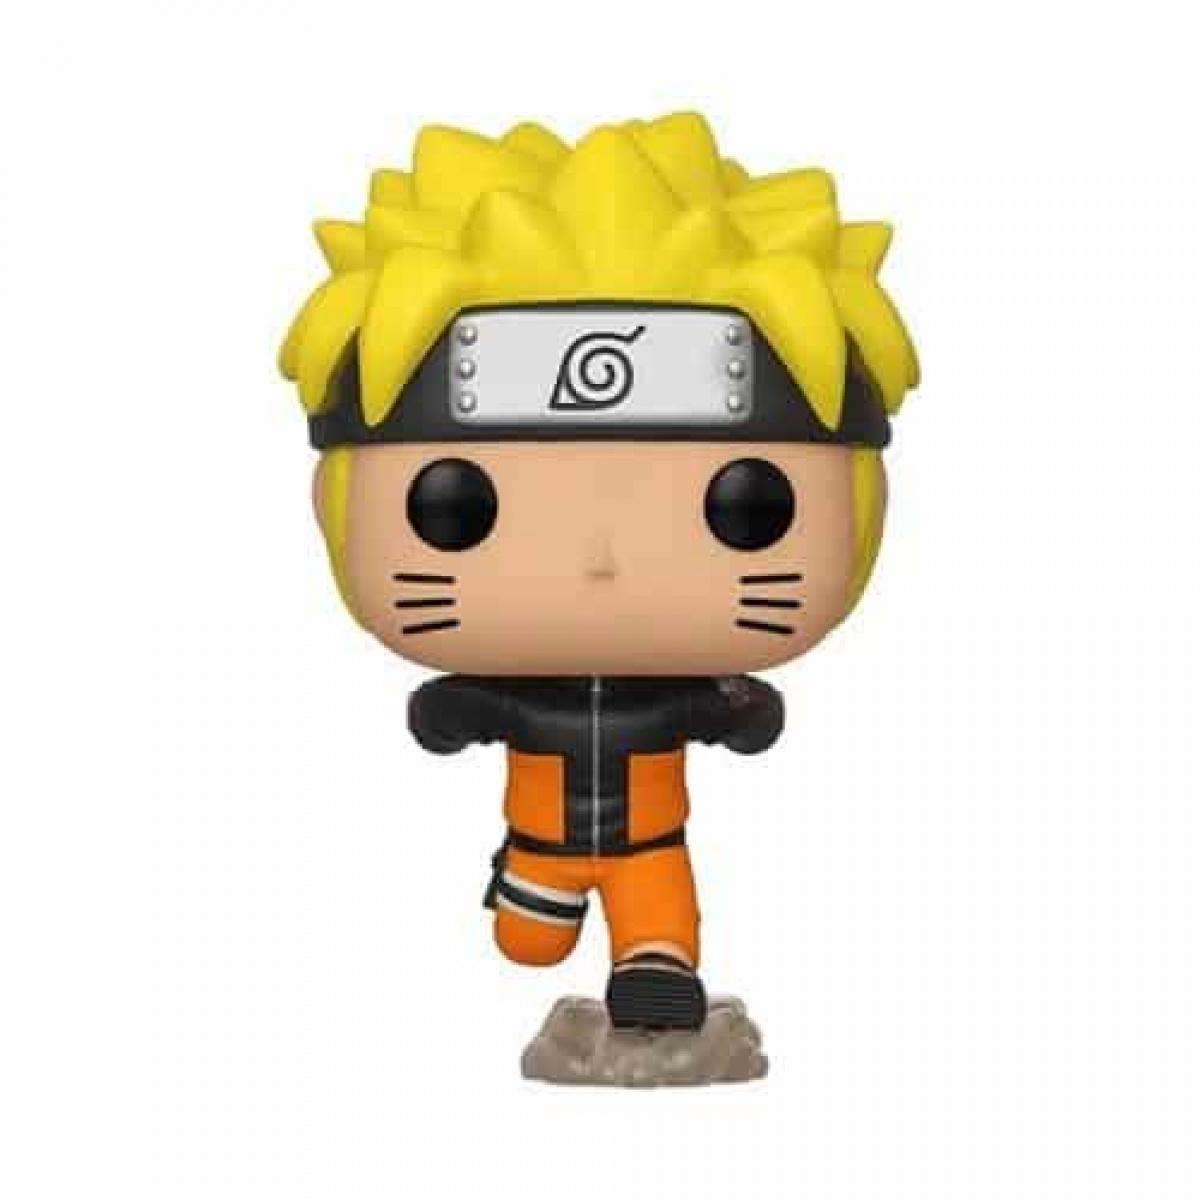 Funko Pop! Naruto Running Pop! Vinyl Figure Figures 4